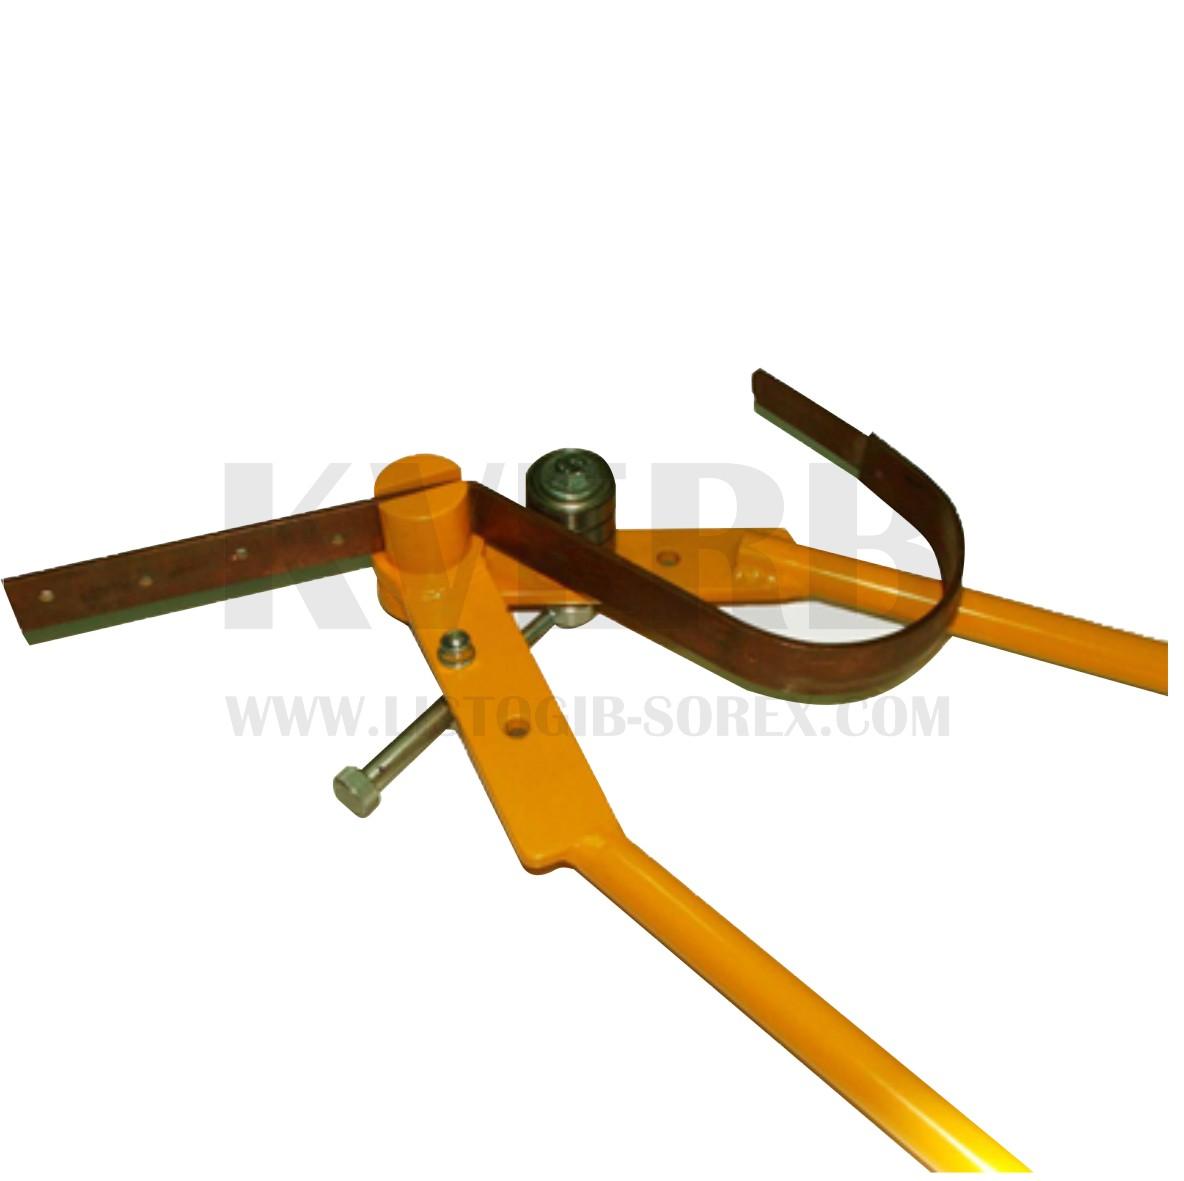 Водосток своими руками: самостоятельный монтаж, инструкция 70